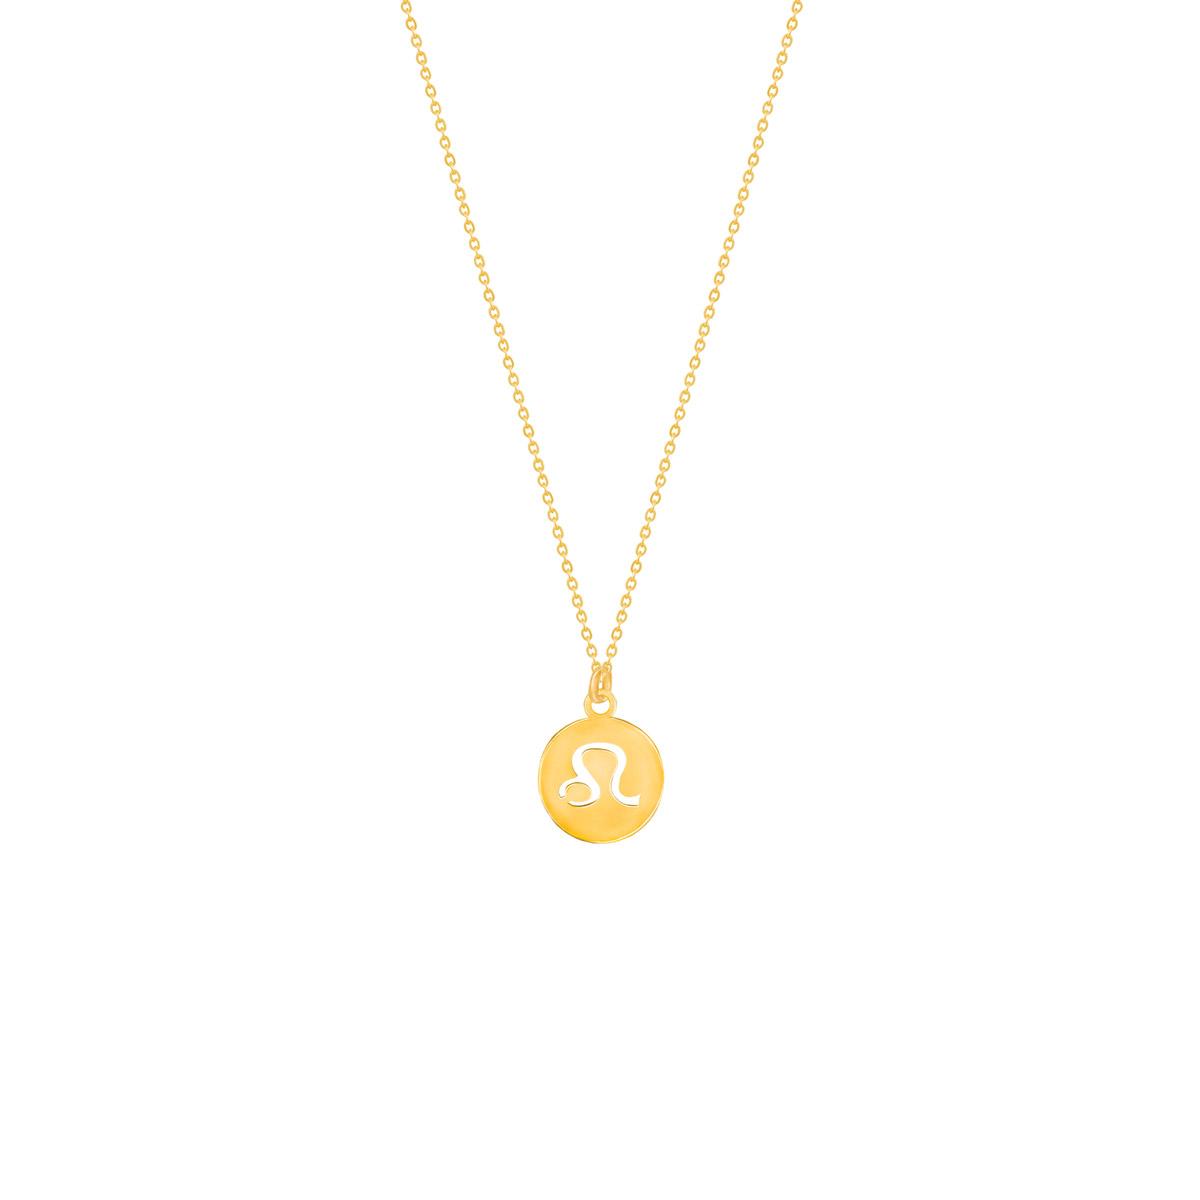 گردنبند طلا نماد ماه مرداد